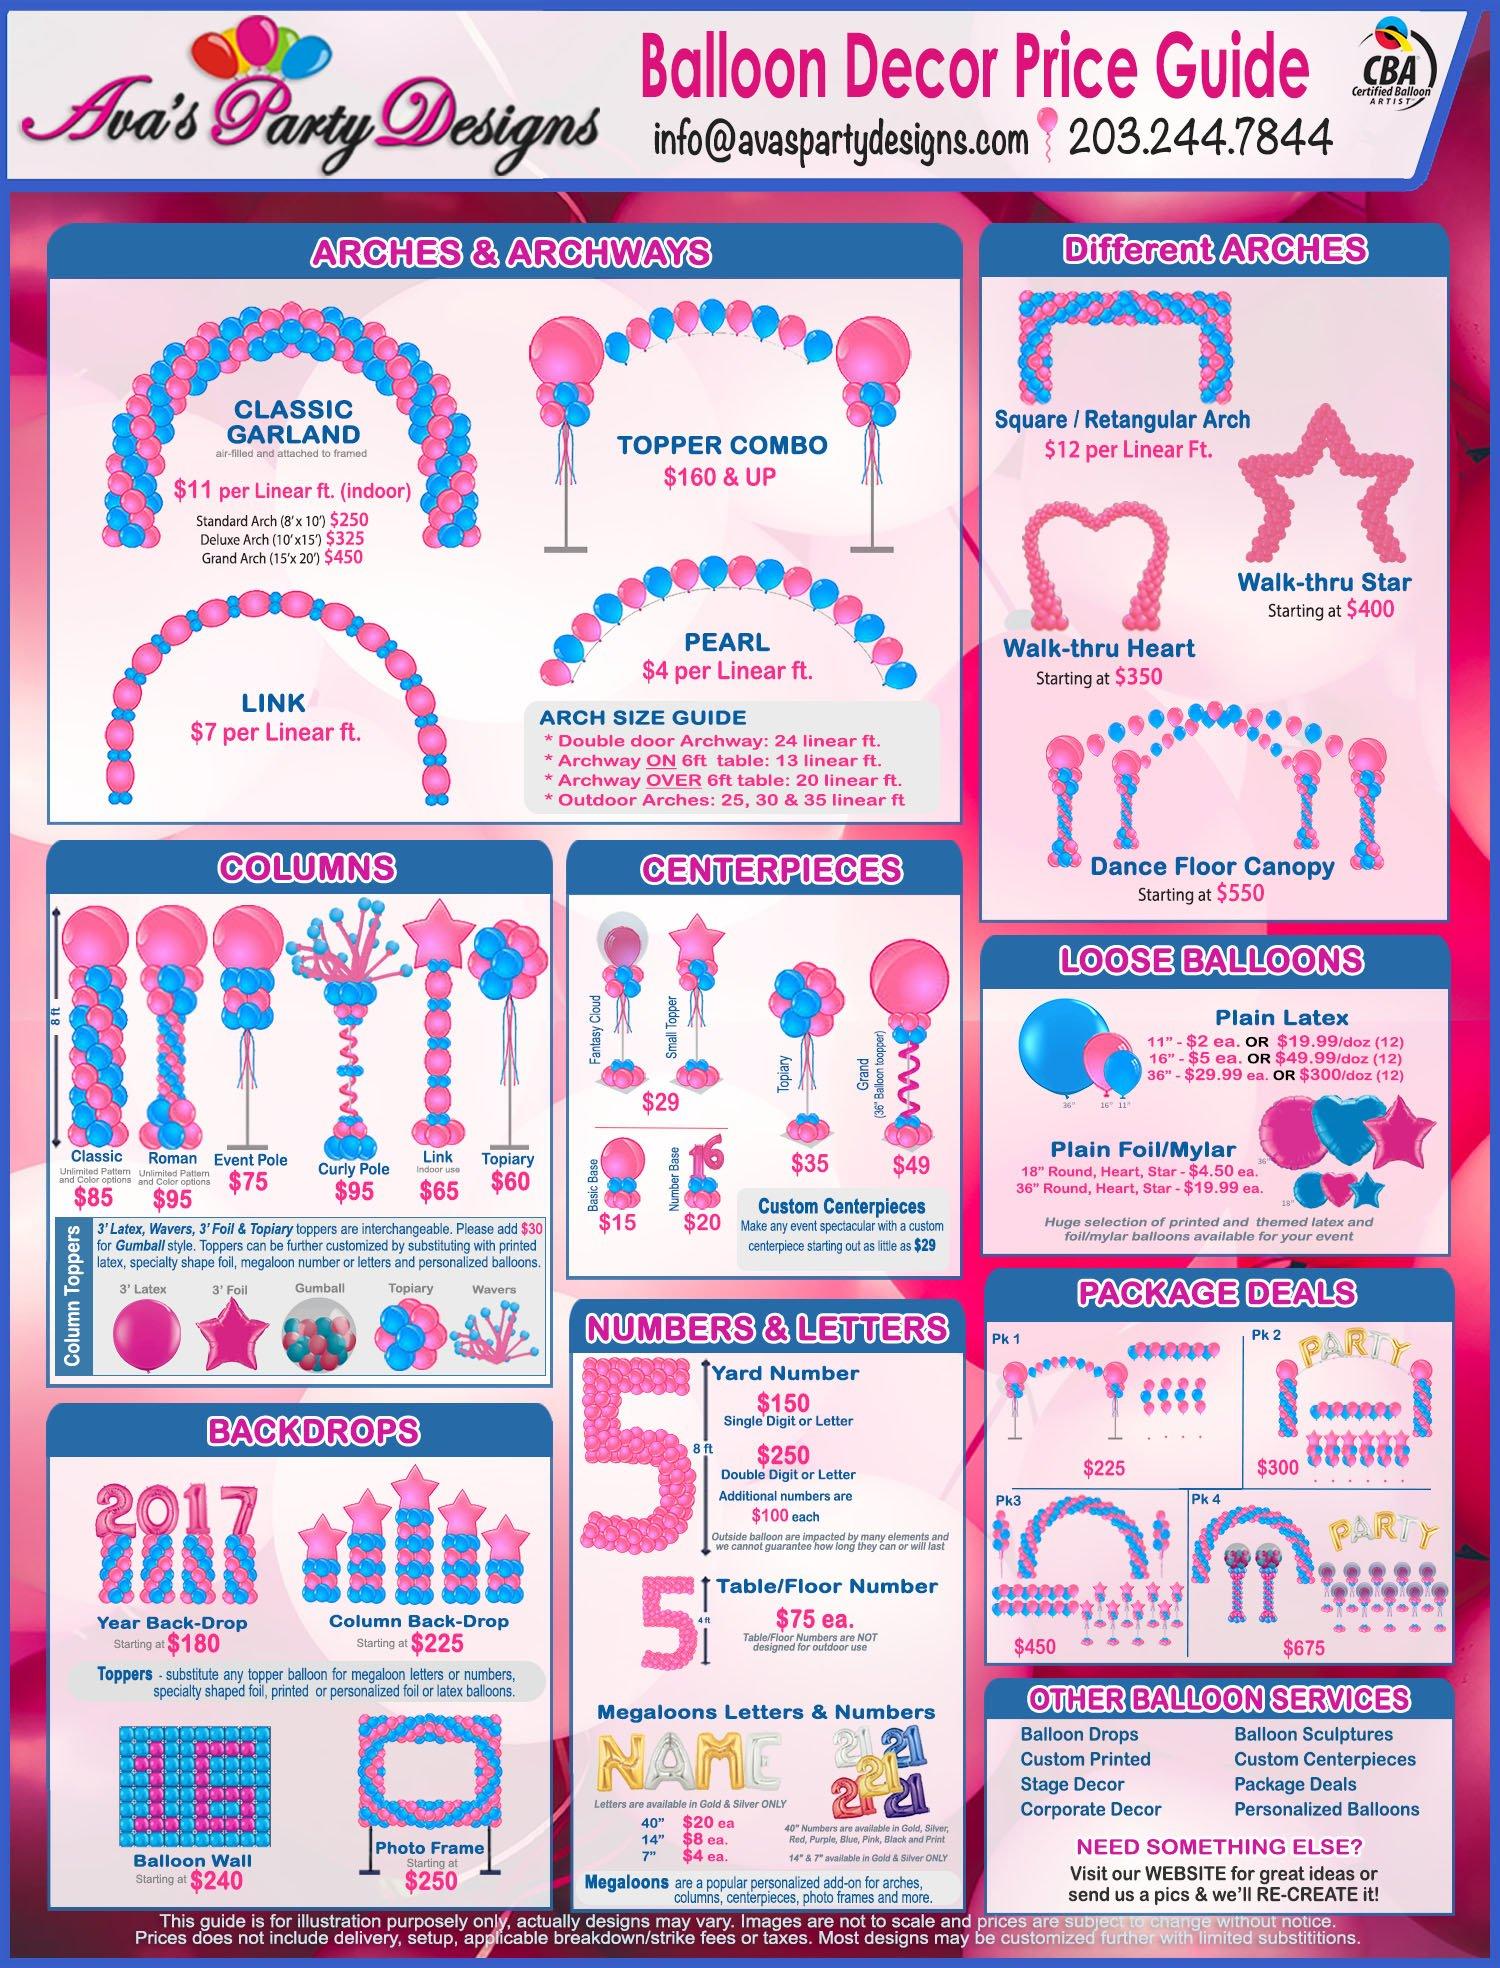 Balloon Decor Price Guide, Balloon Decor Prices